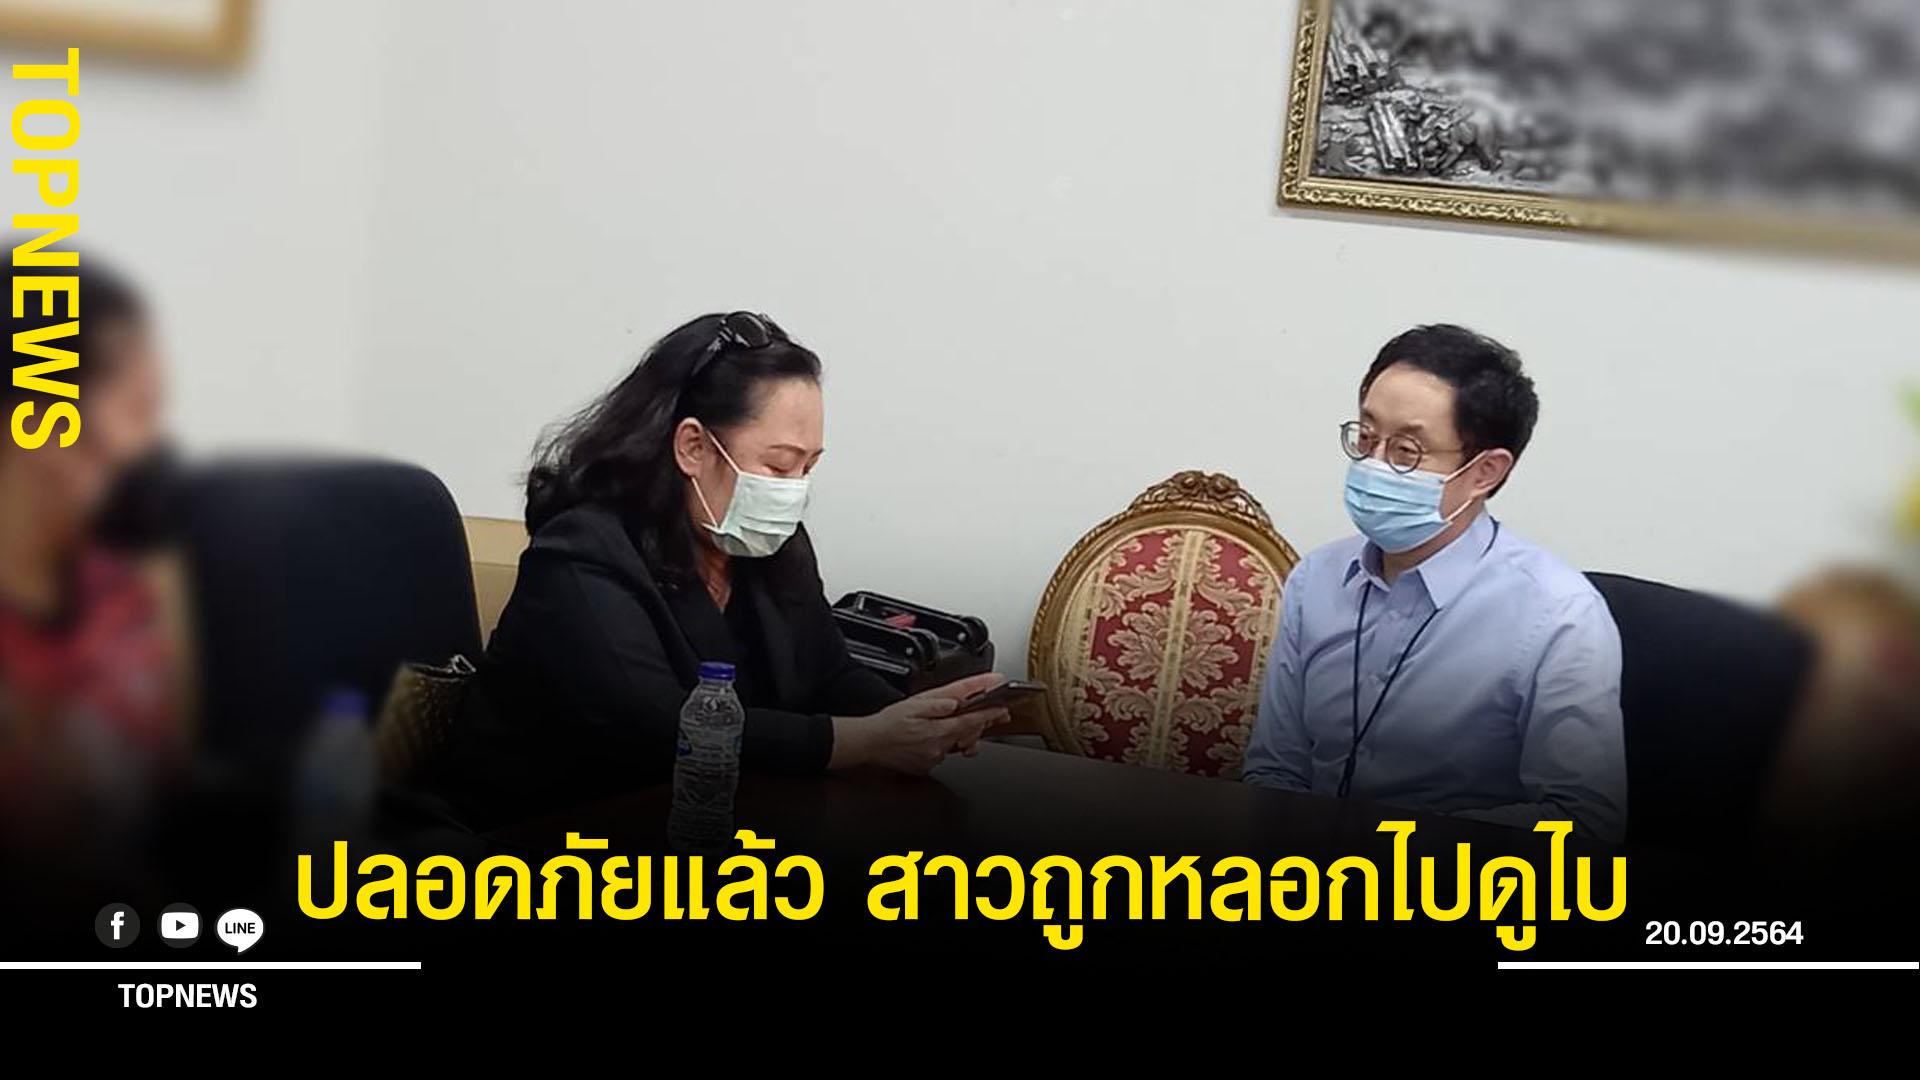 สาวไทยถูกหลอกไปดูไบปลอดภัยแล้ว! หลัง รมว.เฮ้ง สั่ง ทูตแรงงานช่วยเหลือทันท่วงที